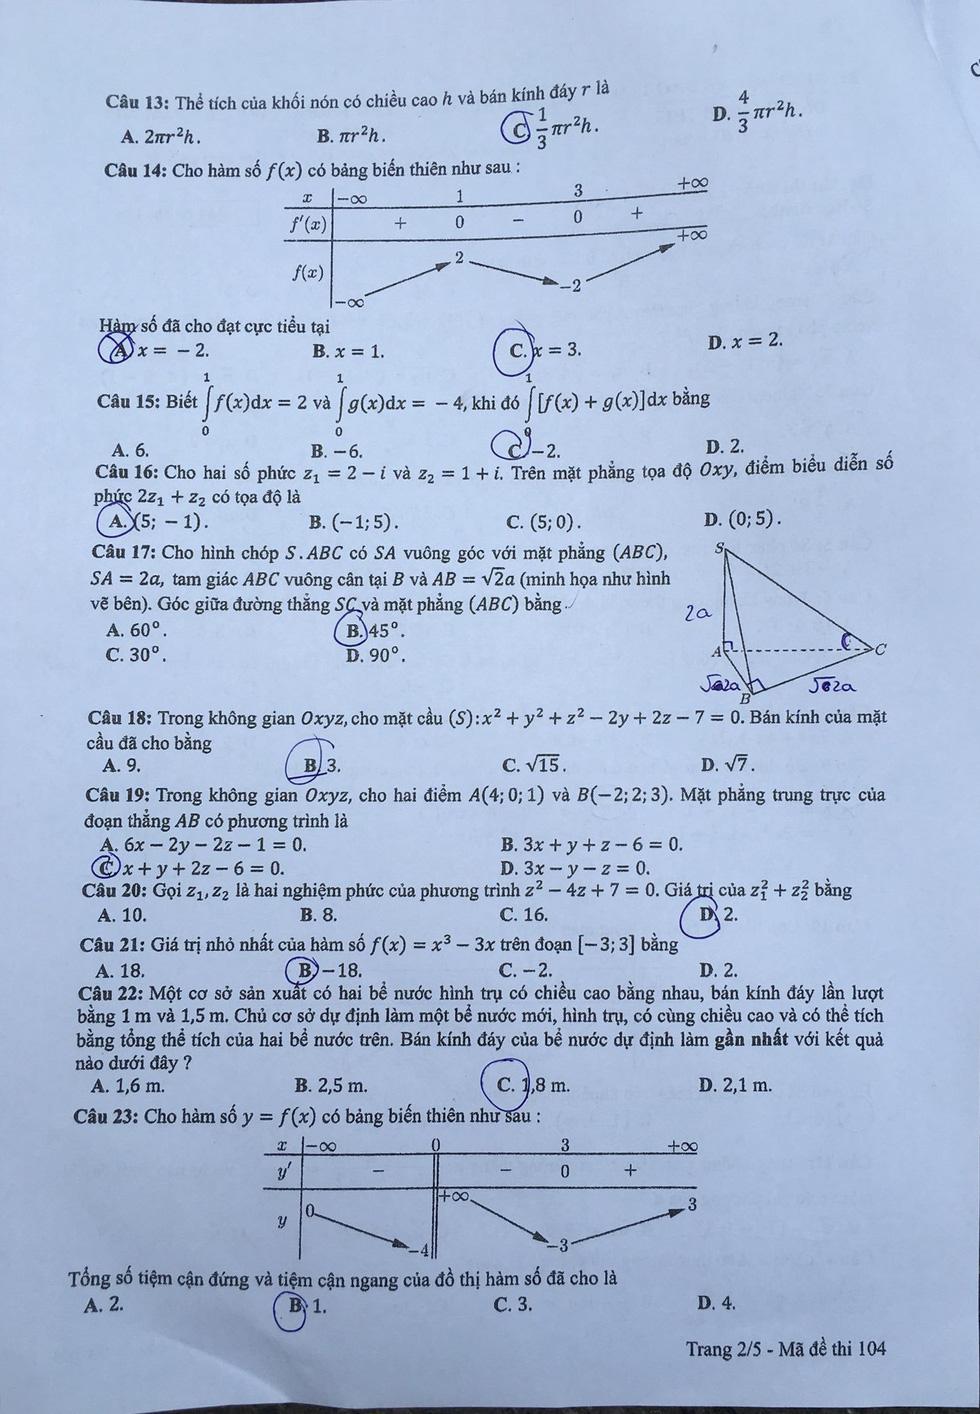 Đáp án môn toán thi THPT quốc gia 2019 - Ảnh 16.